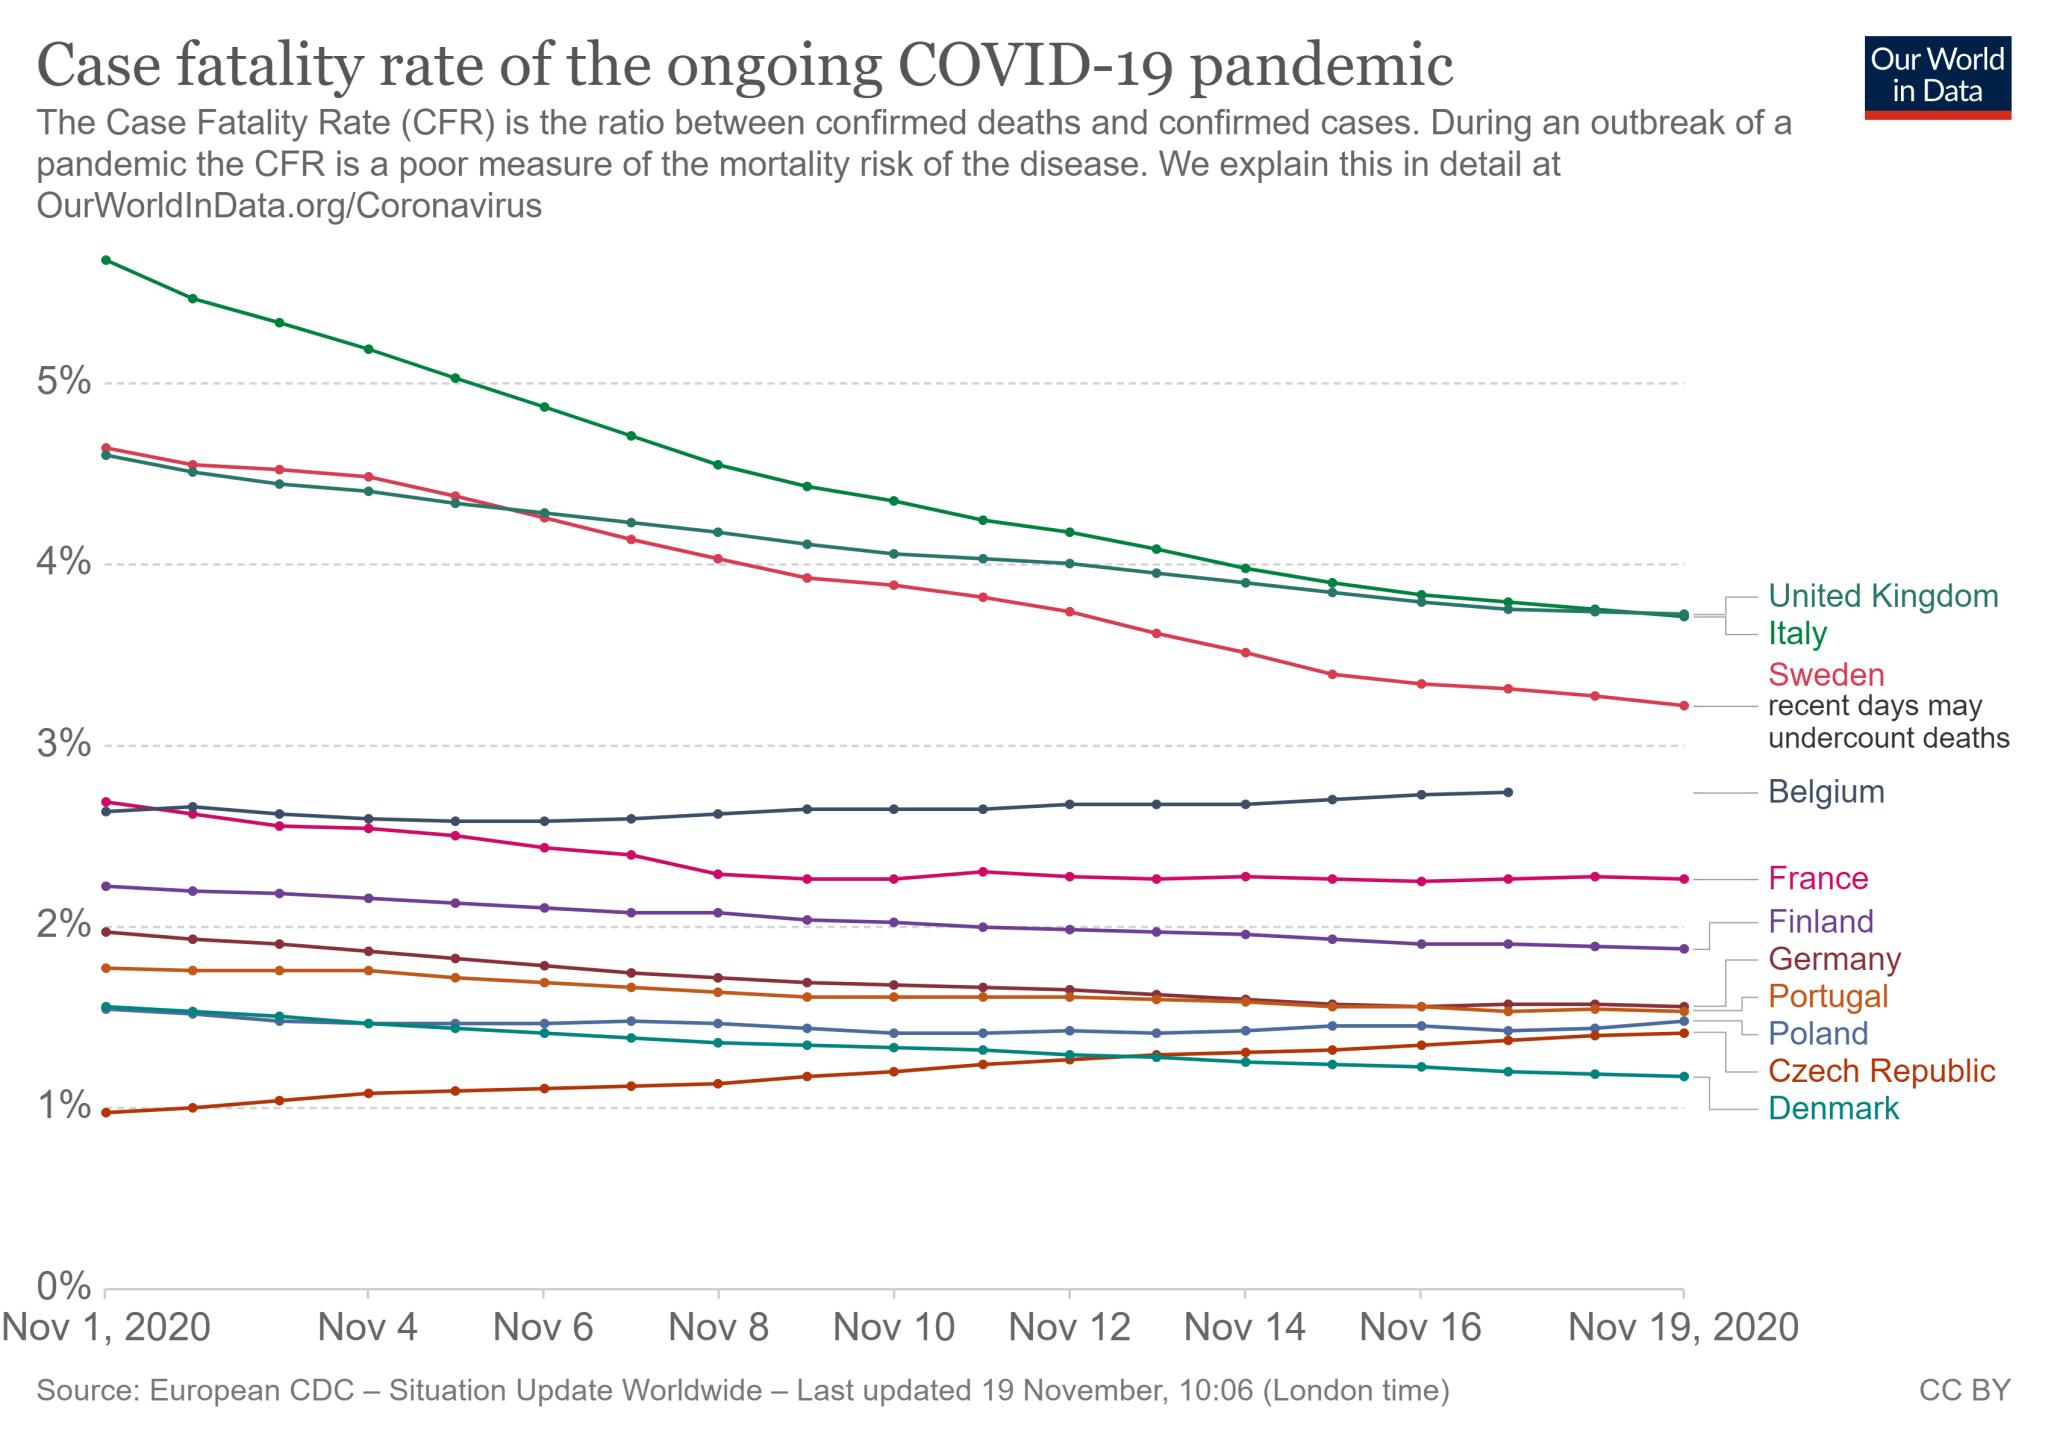 Dynamika wskaźnika CFR w wybranych krajach Europy (1 listopada - 19 listopada 2020 roku)